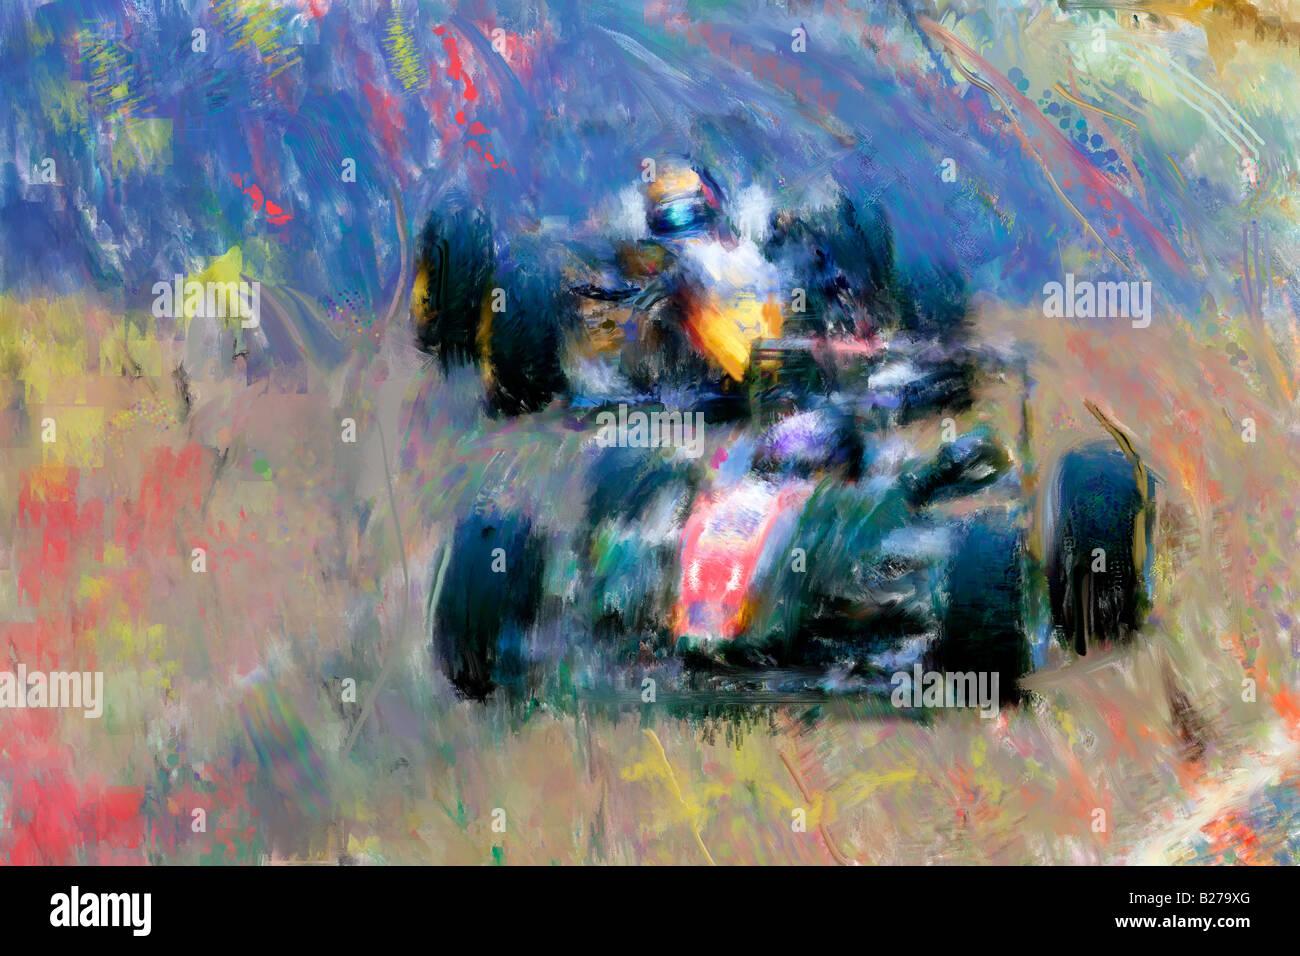 Stile astratto pittura di vetture da corsa a Macau Grand Prix Immagini Stock